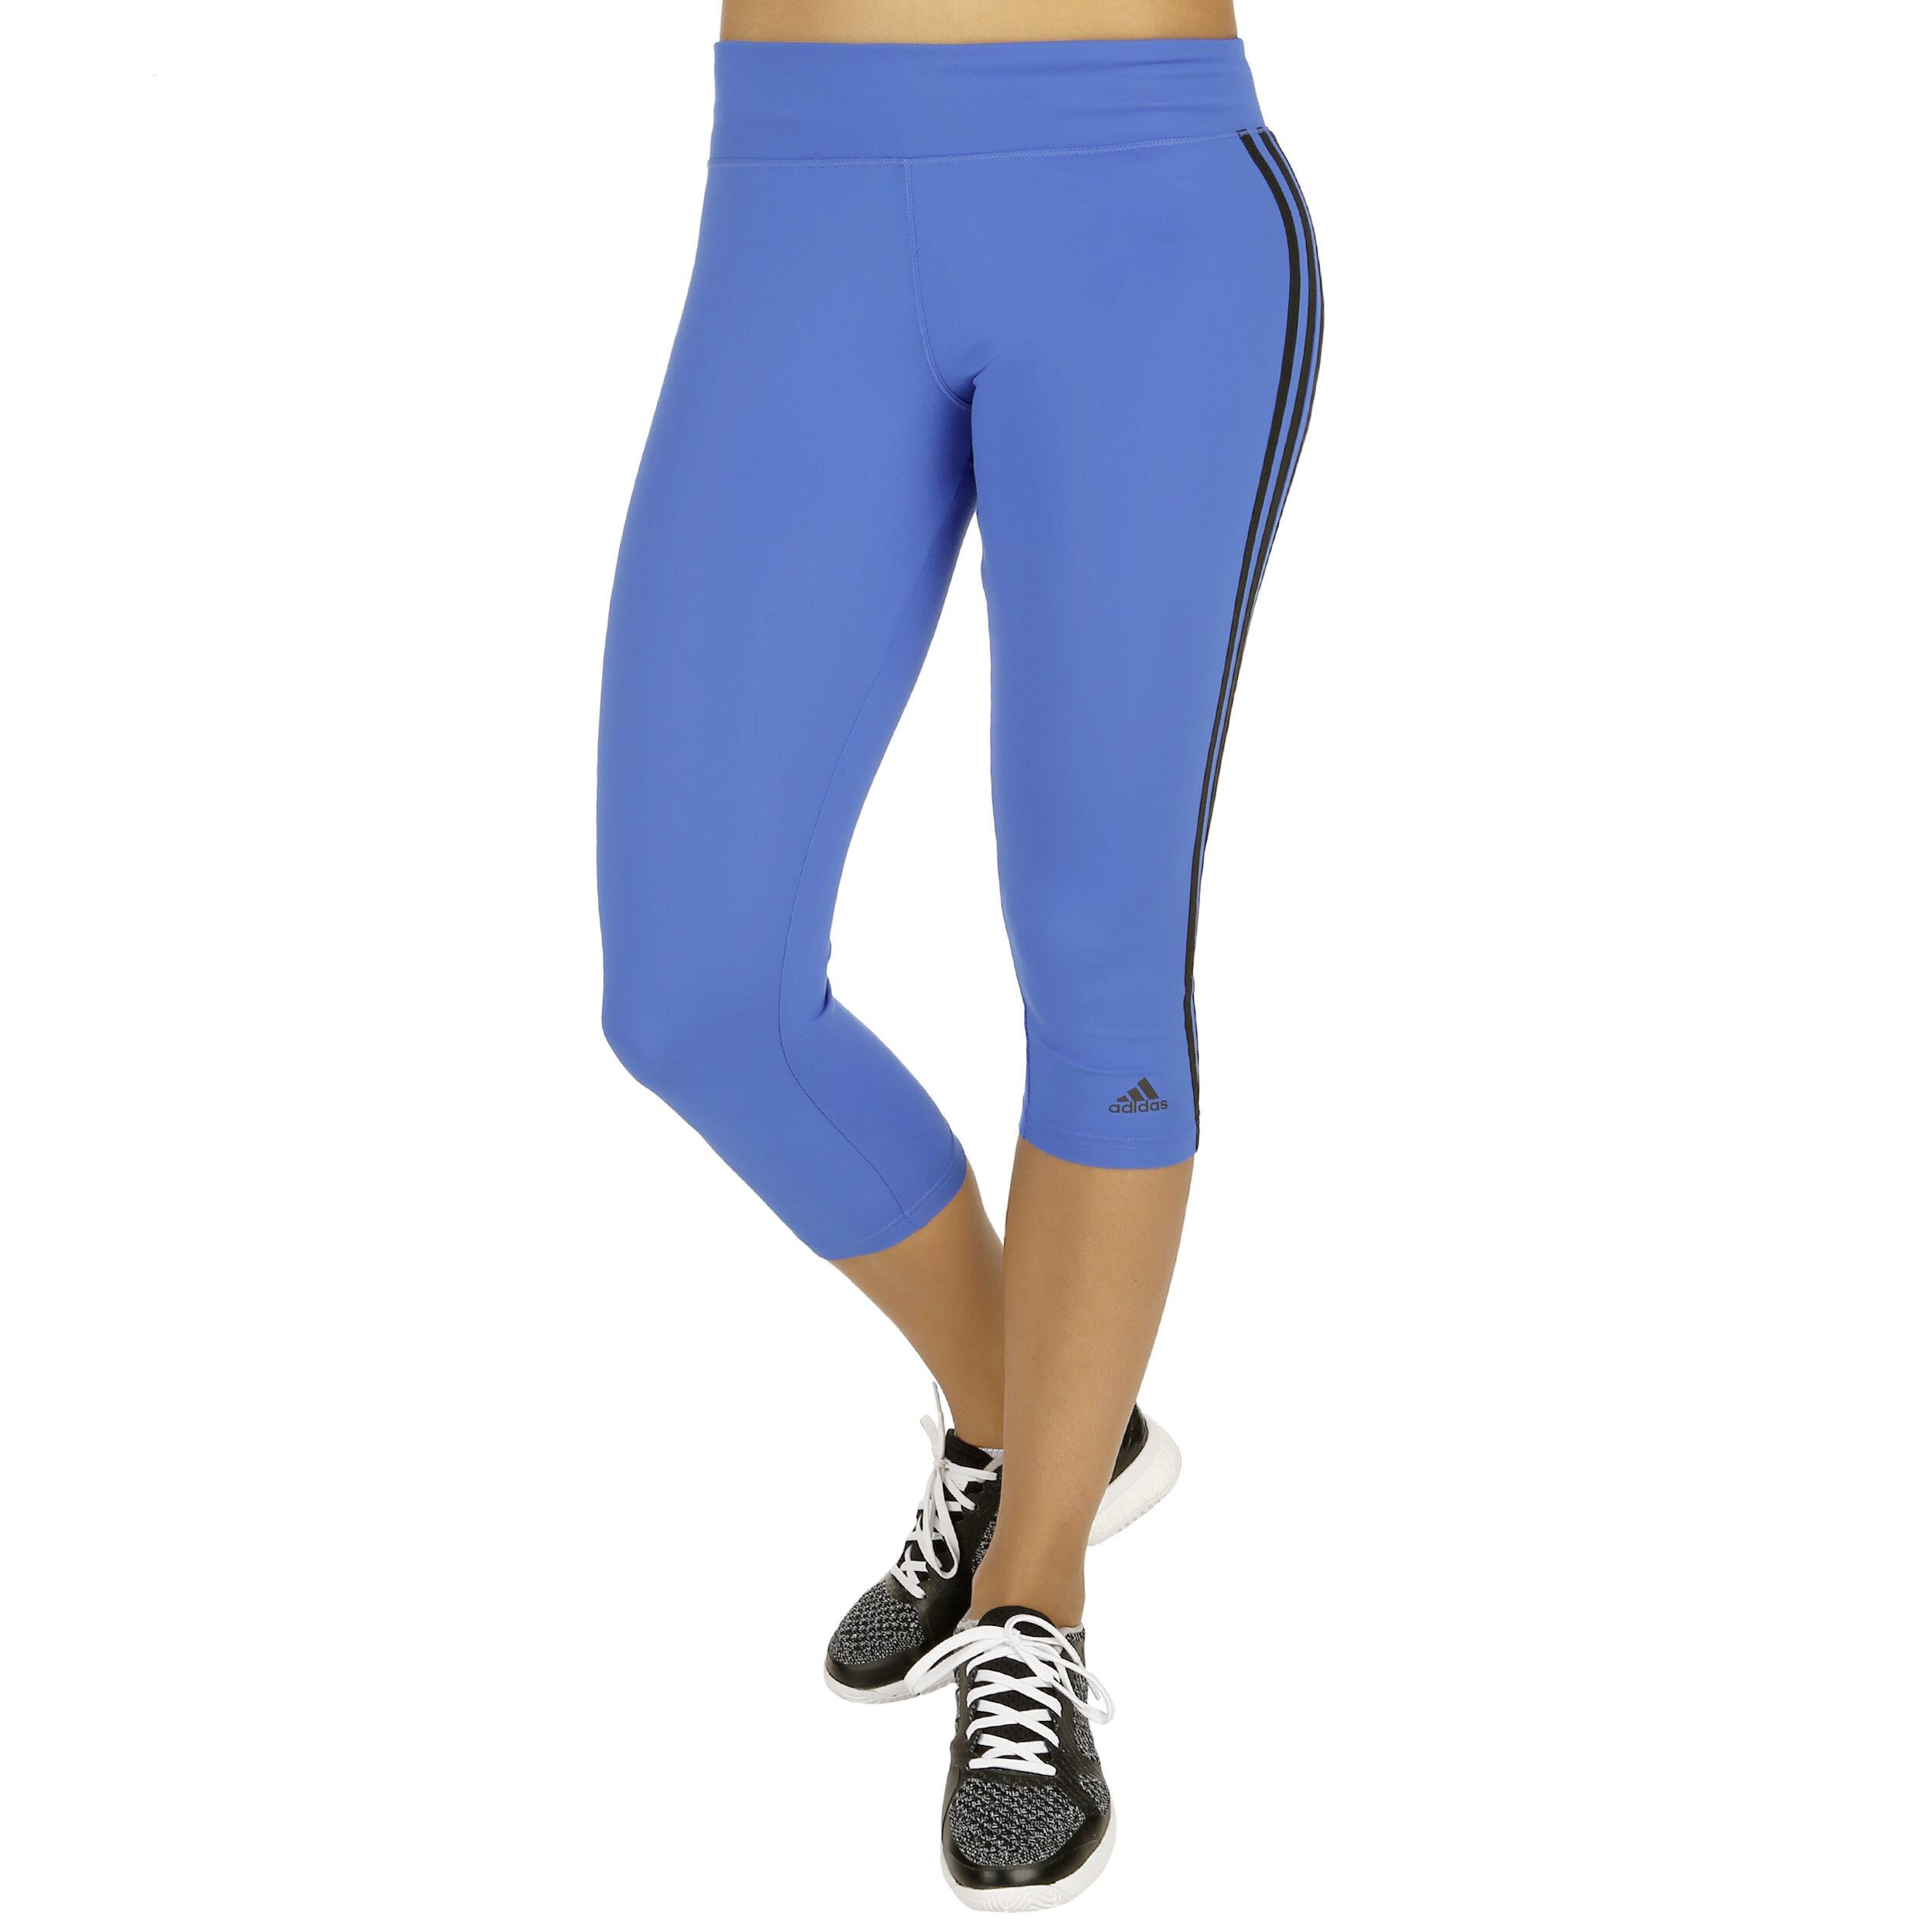 adidas D2M 3S 34 Capri Hose Damen Blau, Schwarz online